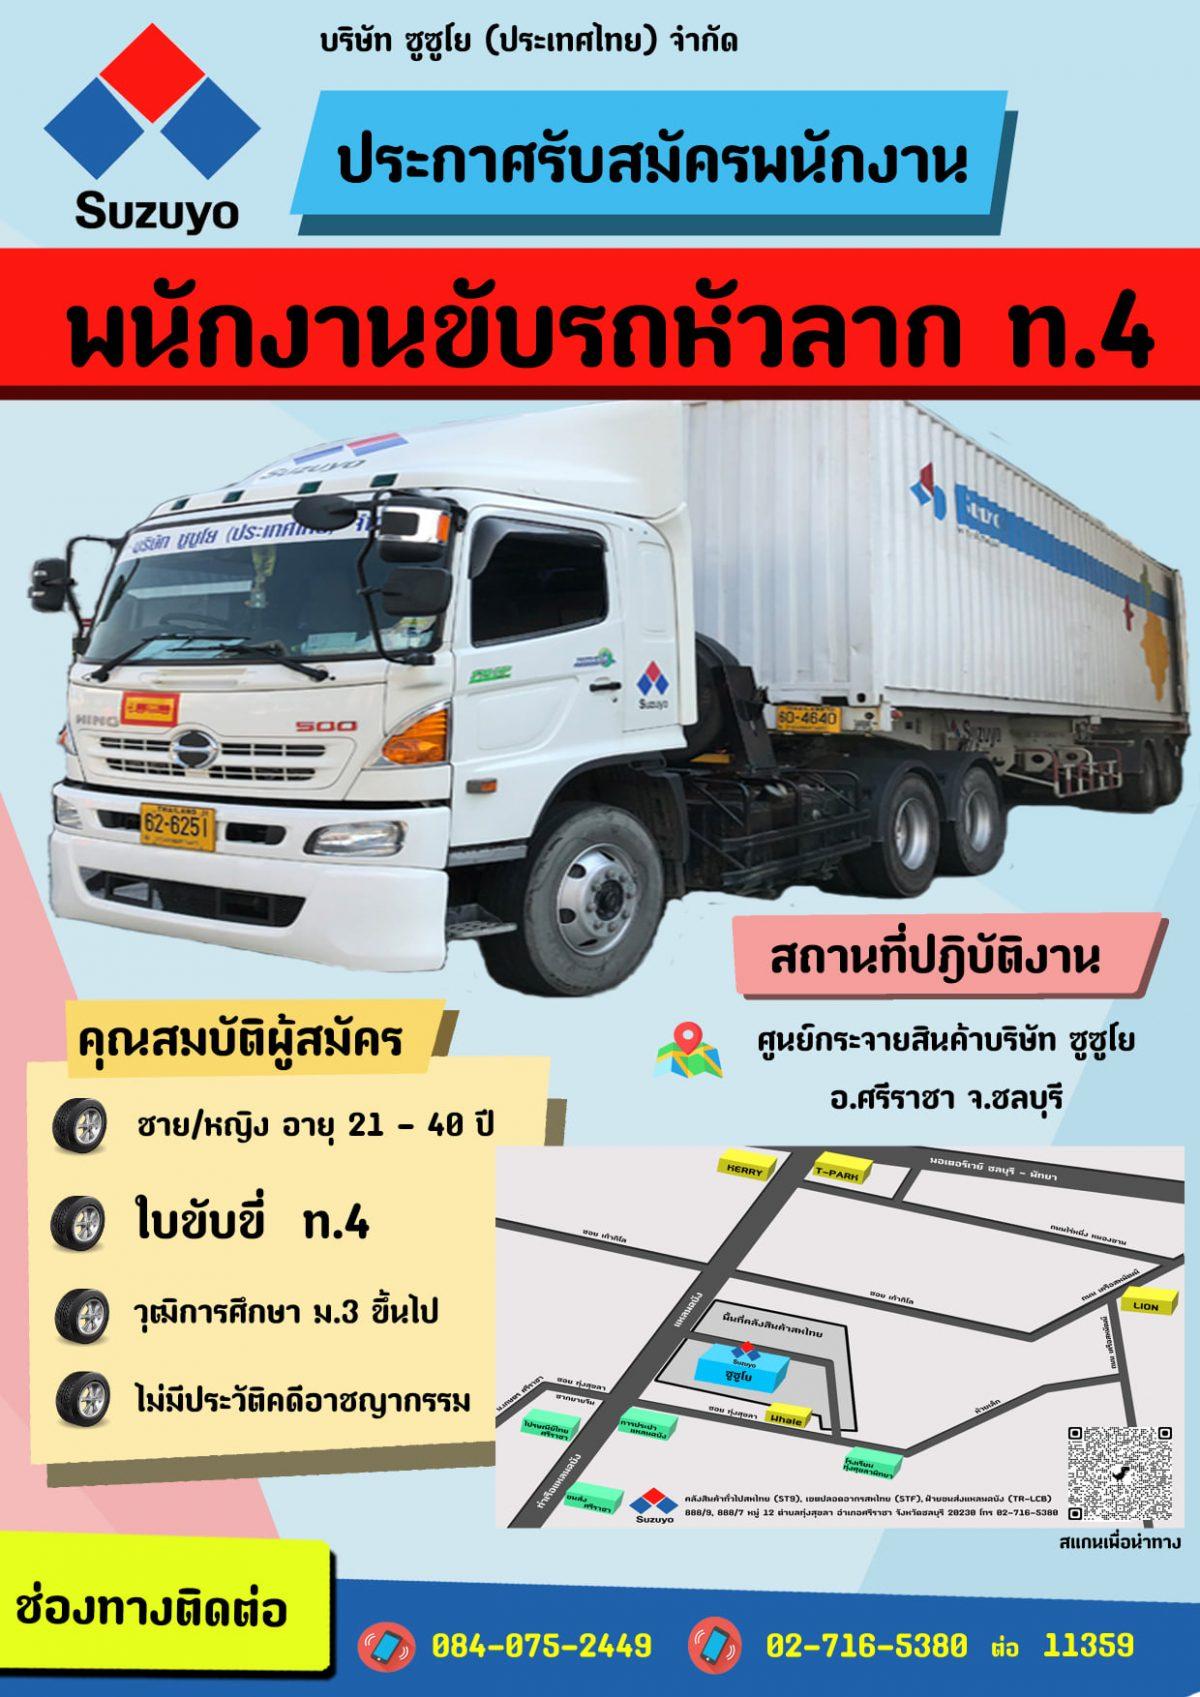 บริษัท ซูซูโย (ประเทศไทย) จำกัดรับสมัครคนขับรถหัวลาก